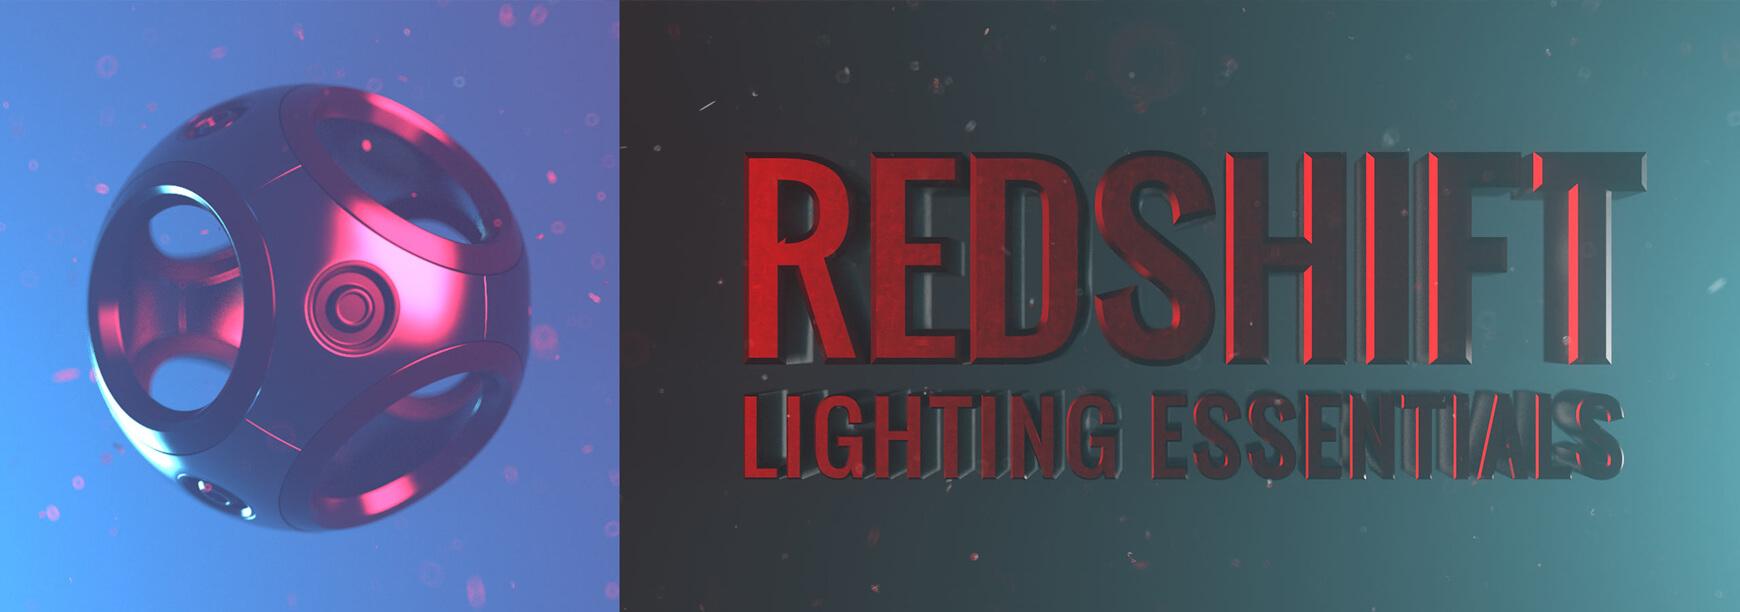 Redshift Lighting Essentials Volume 2 for Cinema 4D